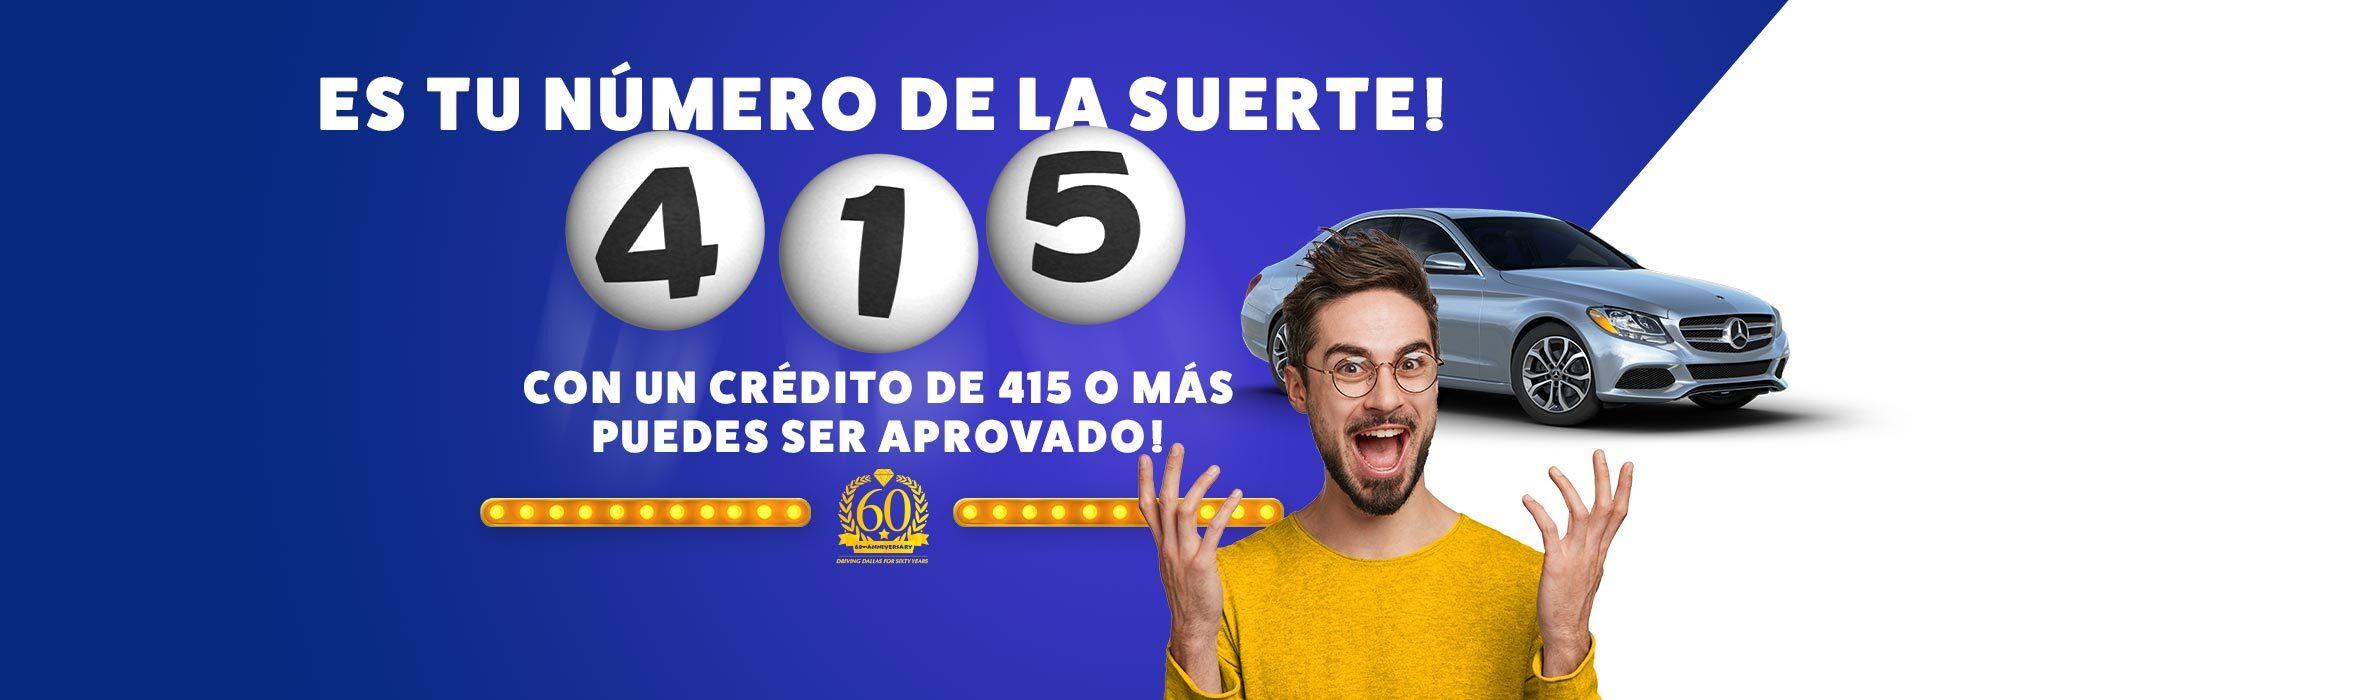 Spanishlottoballs 415 (1)